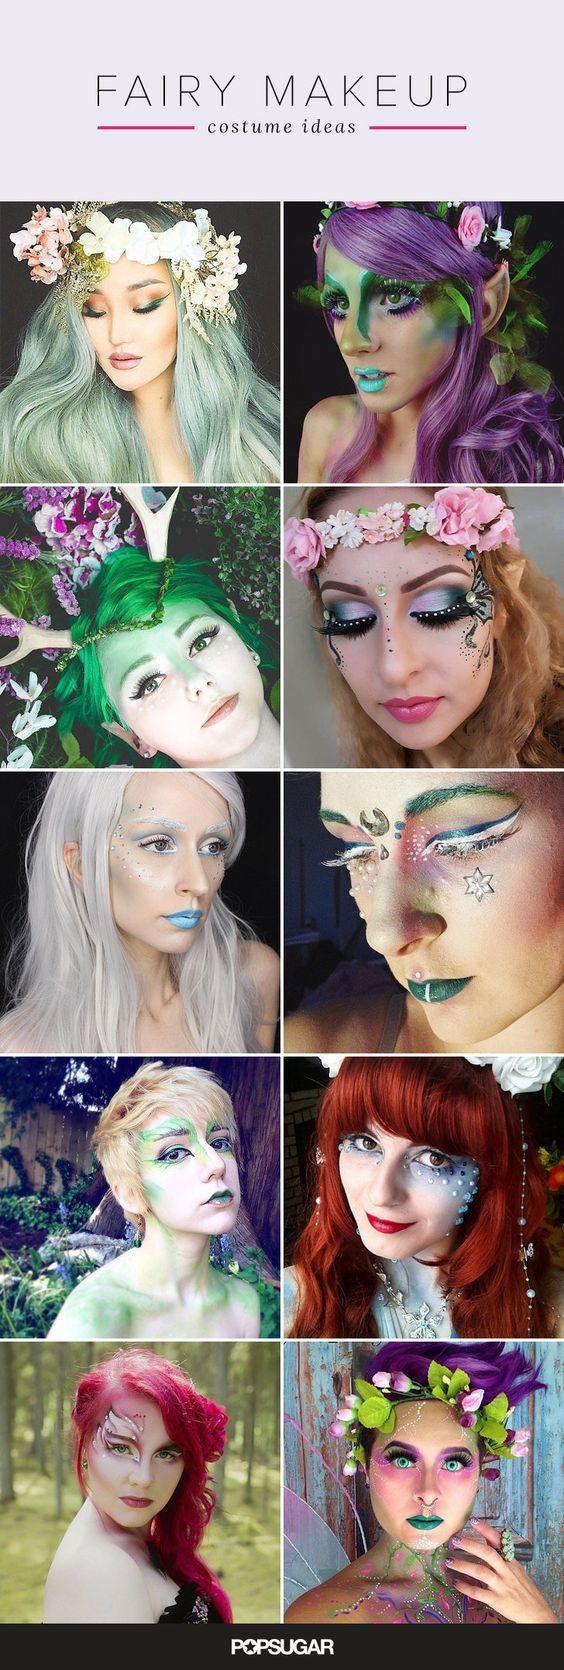 Maquiagem de carnaval. Inspiração.  #Carnaval #carnavalcriativo